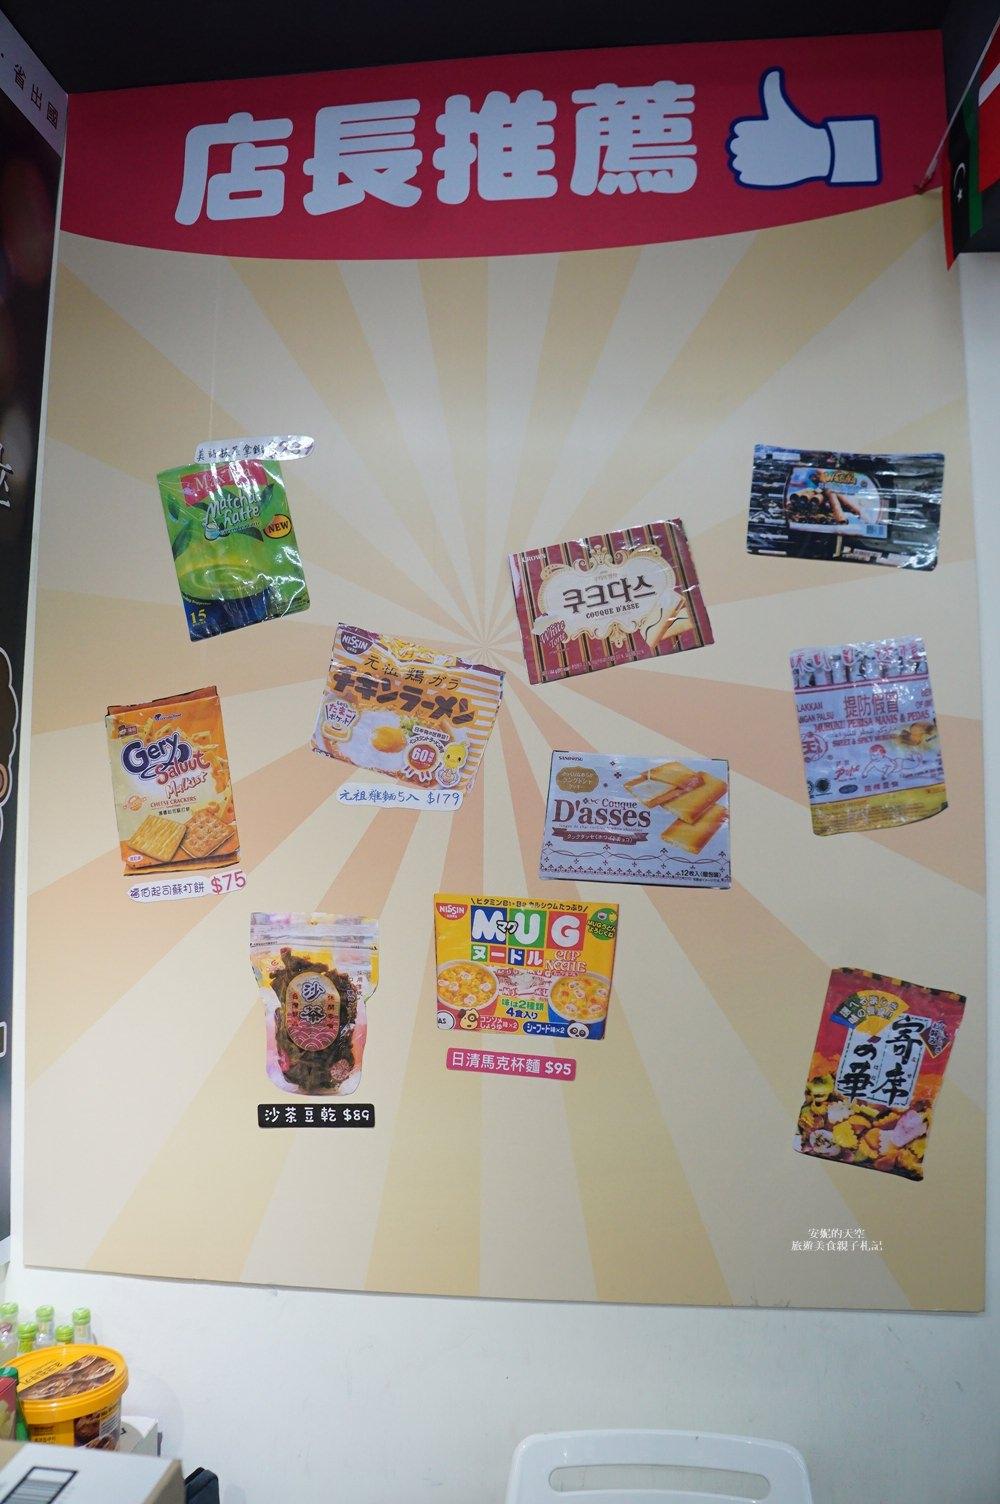 20181017190258 72 - 熱血採訪[新莊 三省堂異國零食]免出國就可以買到超夯的日韓泰國泡麵零食 超好買超好逛